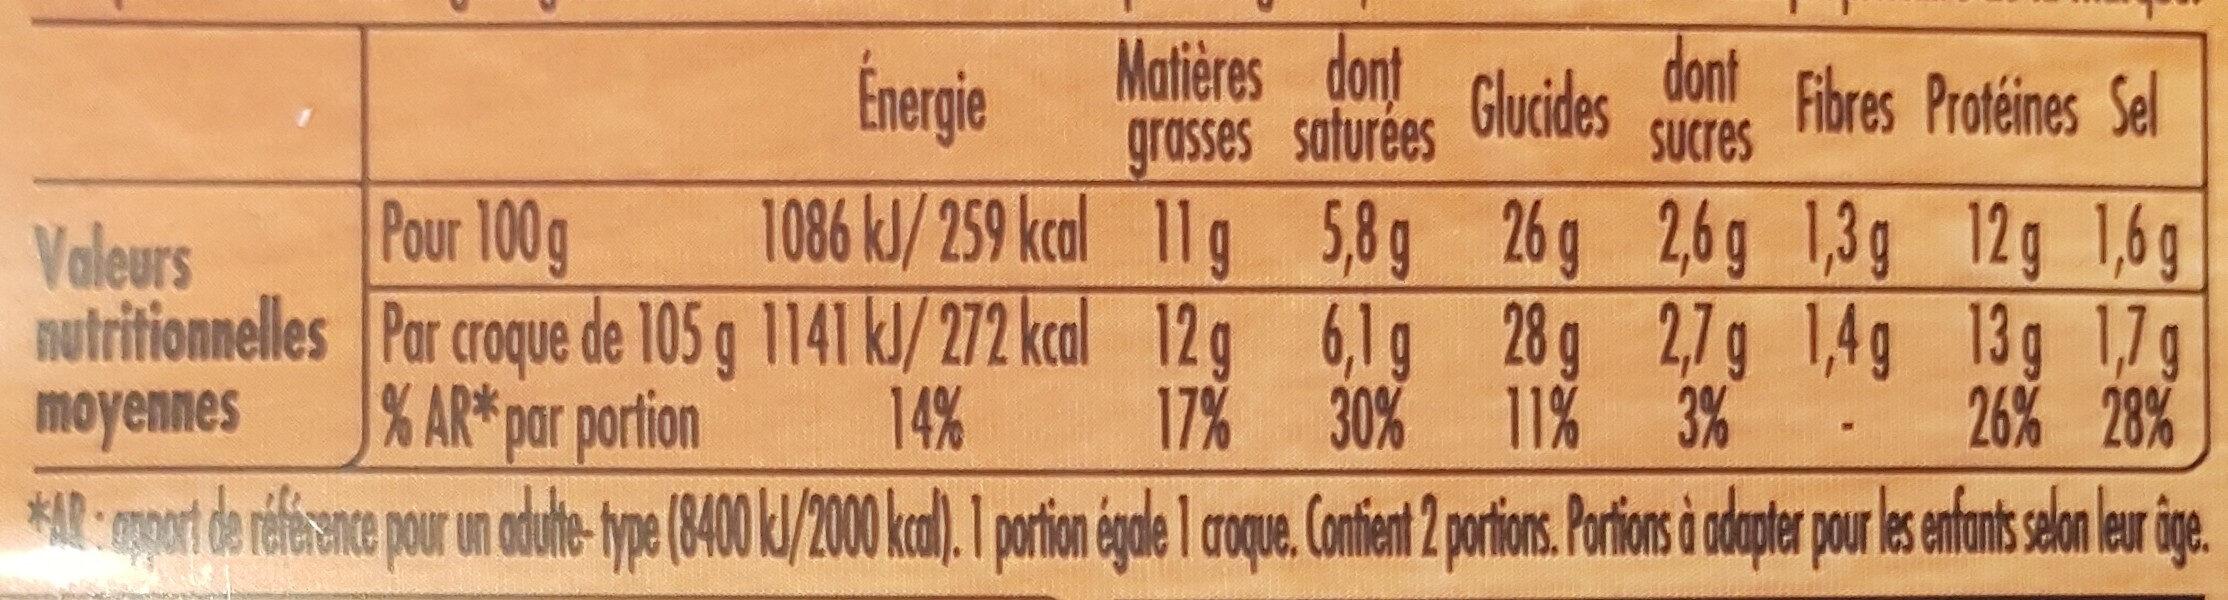 Tendre Croc' Montagnard - Informations nutritionnelles